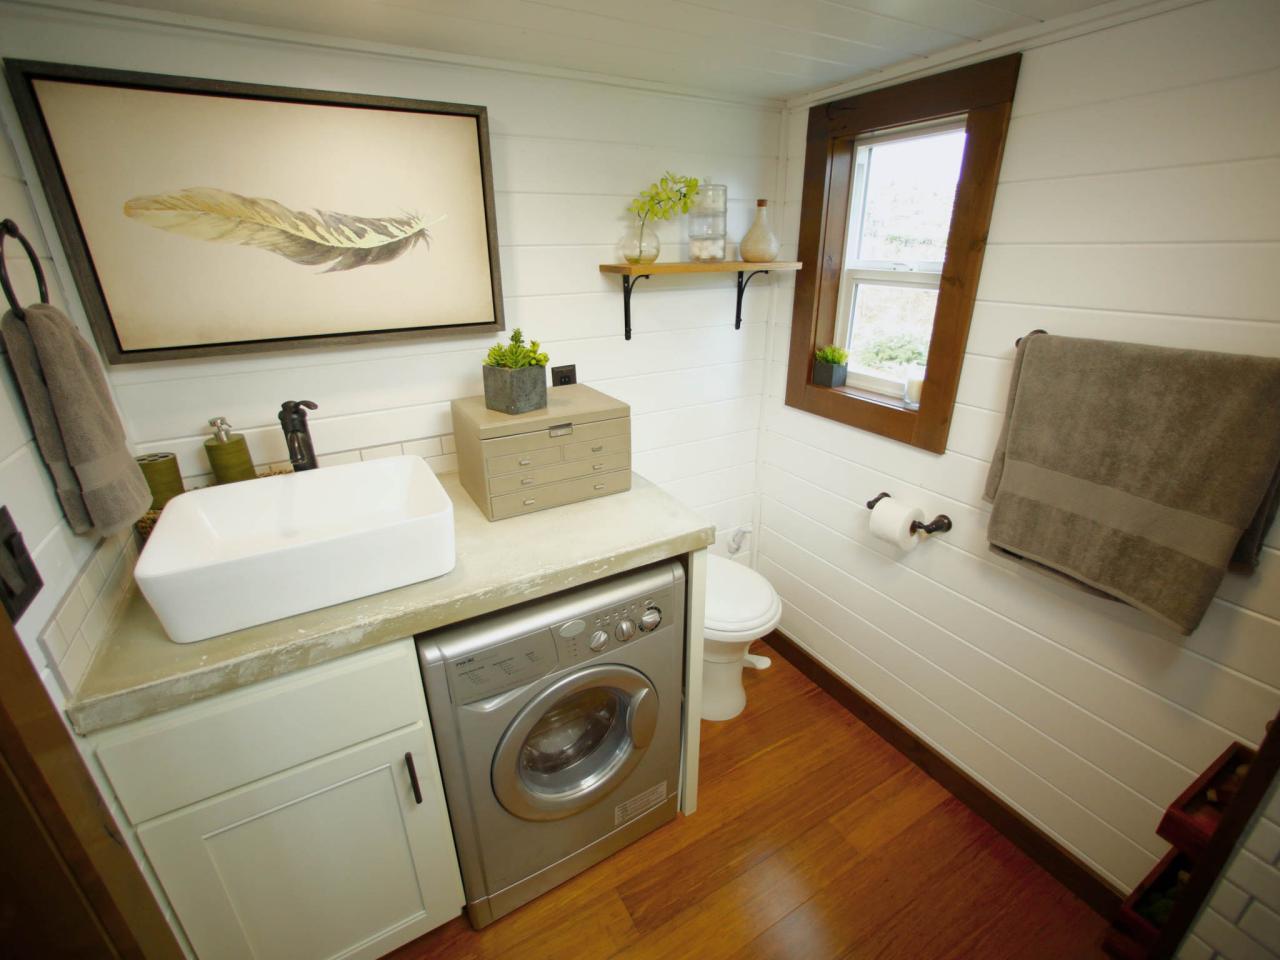 salle de bain petit espace machine a laver